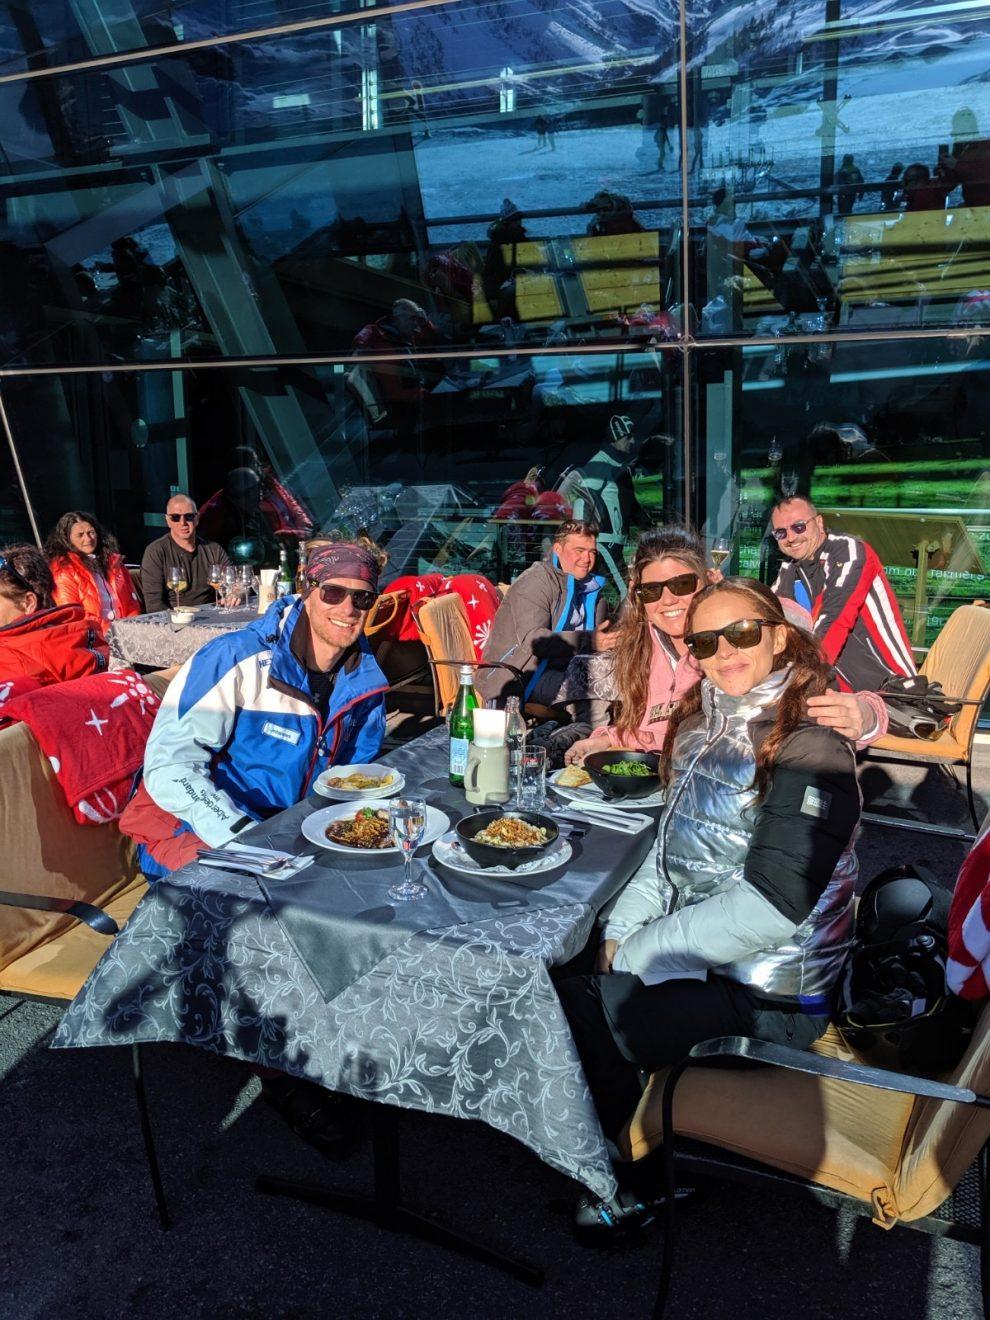 beste berghut van Ischgl - Pardorama - eten op de piste in Ischgl